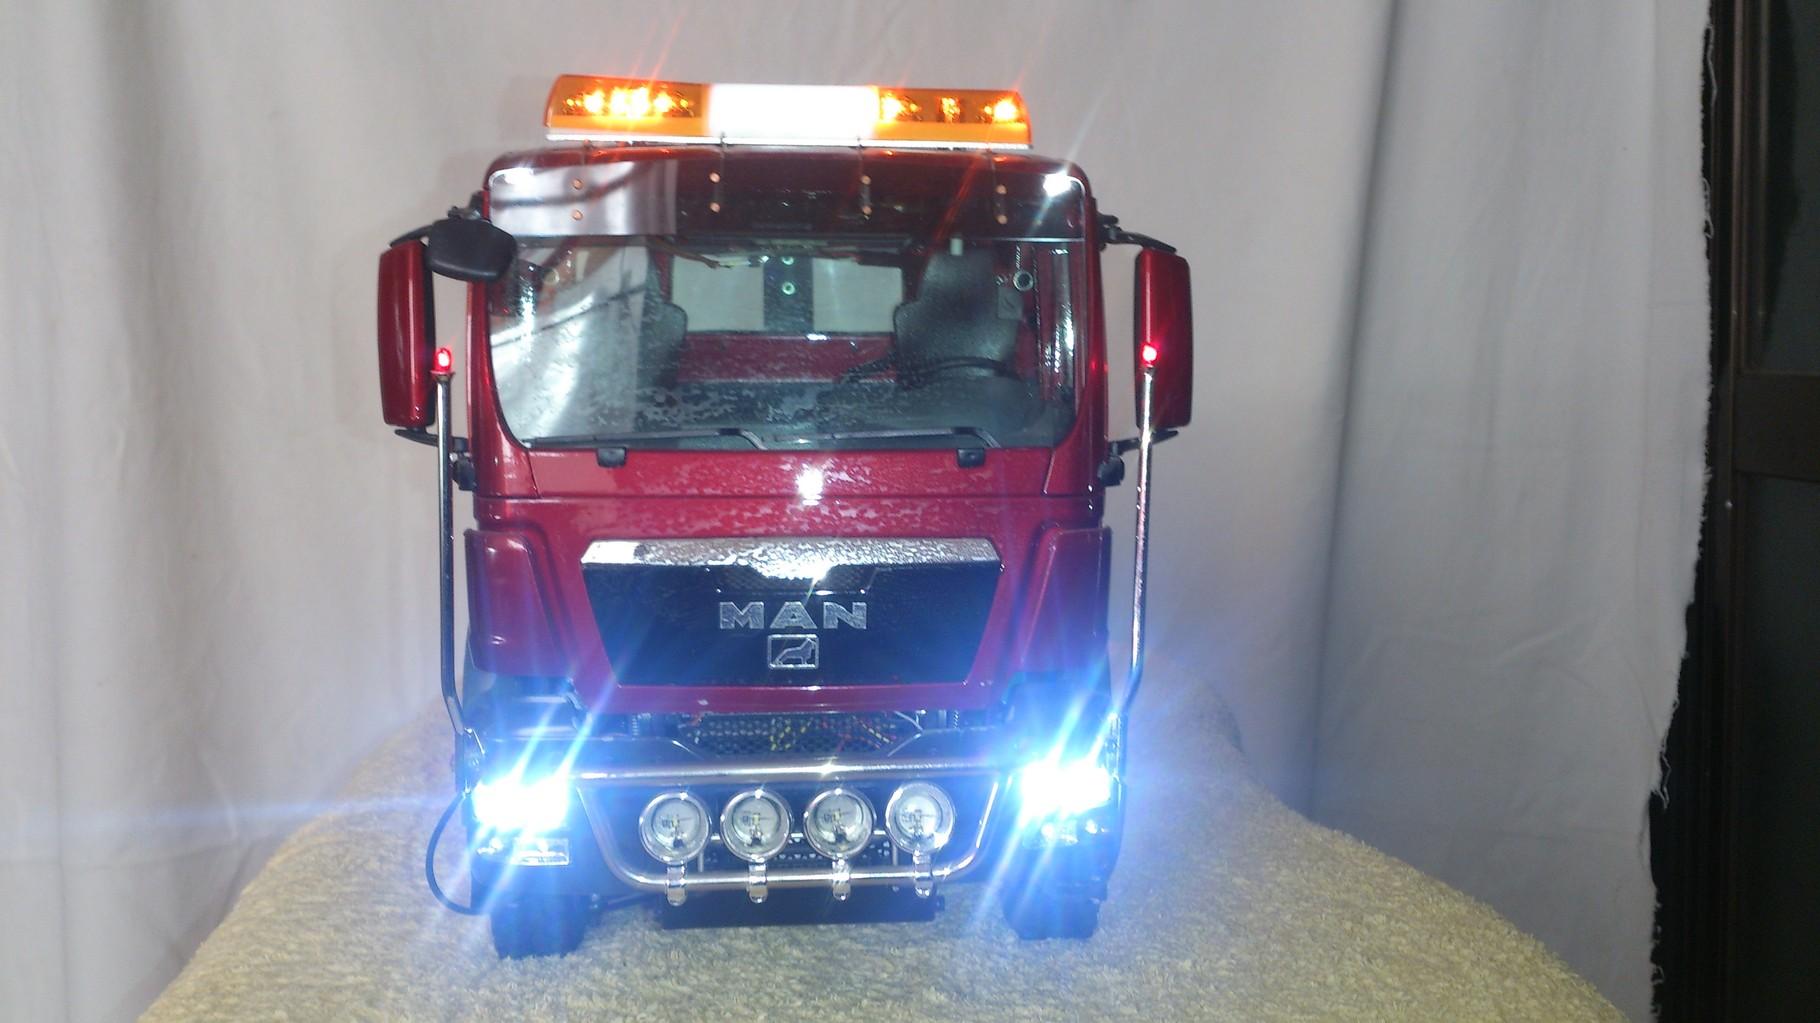 SacleART MAN TGS アームロールトラック8x8ロービームとハイビーム点灯